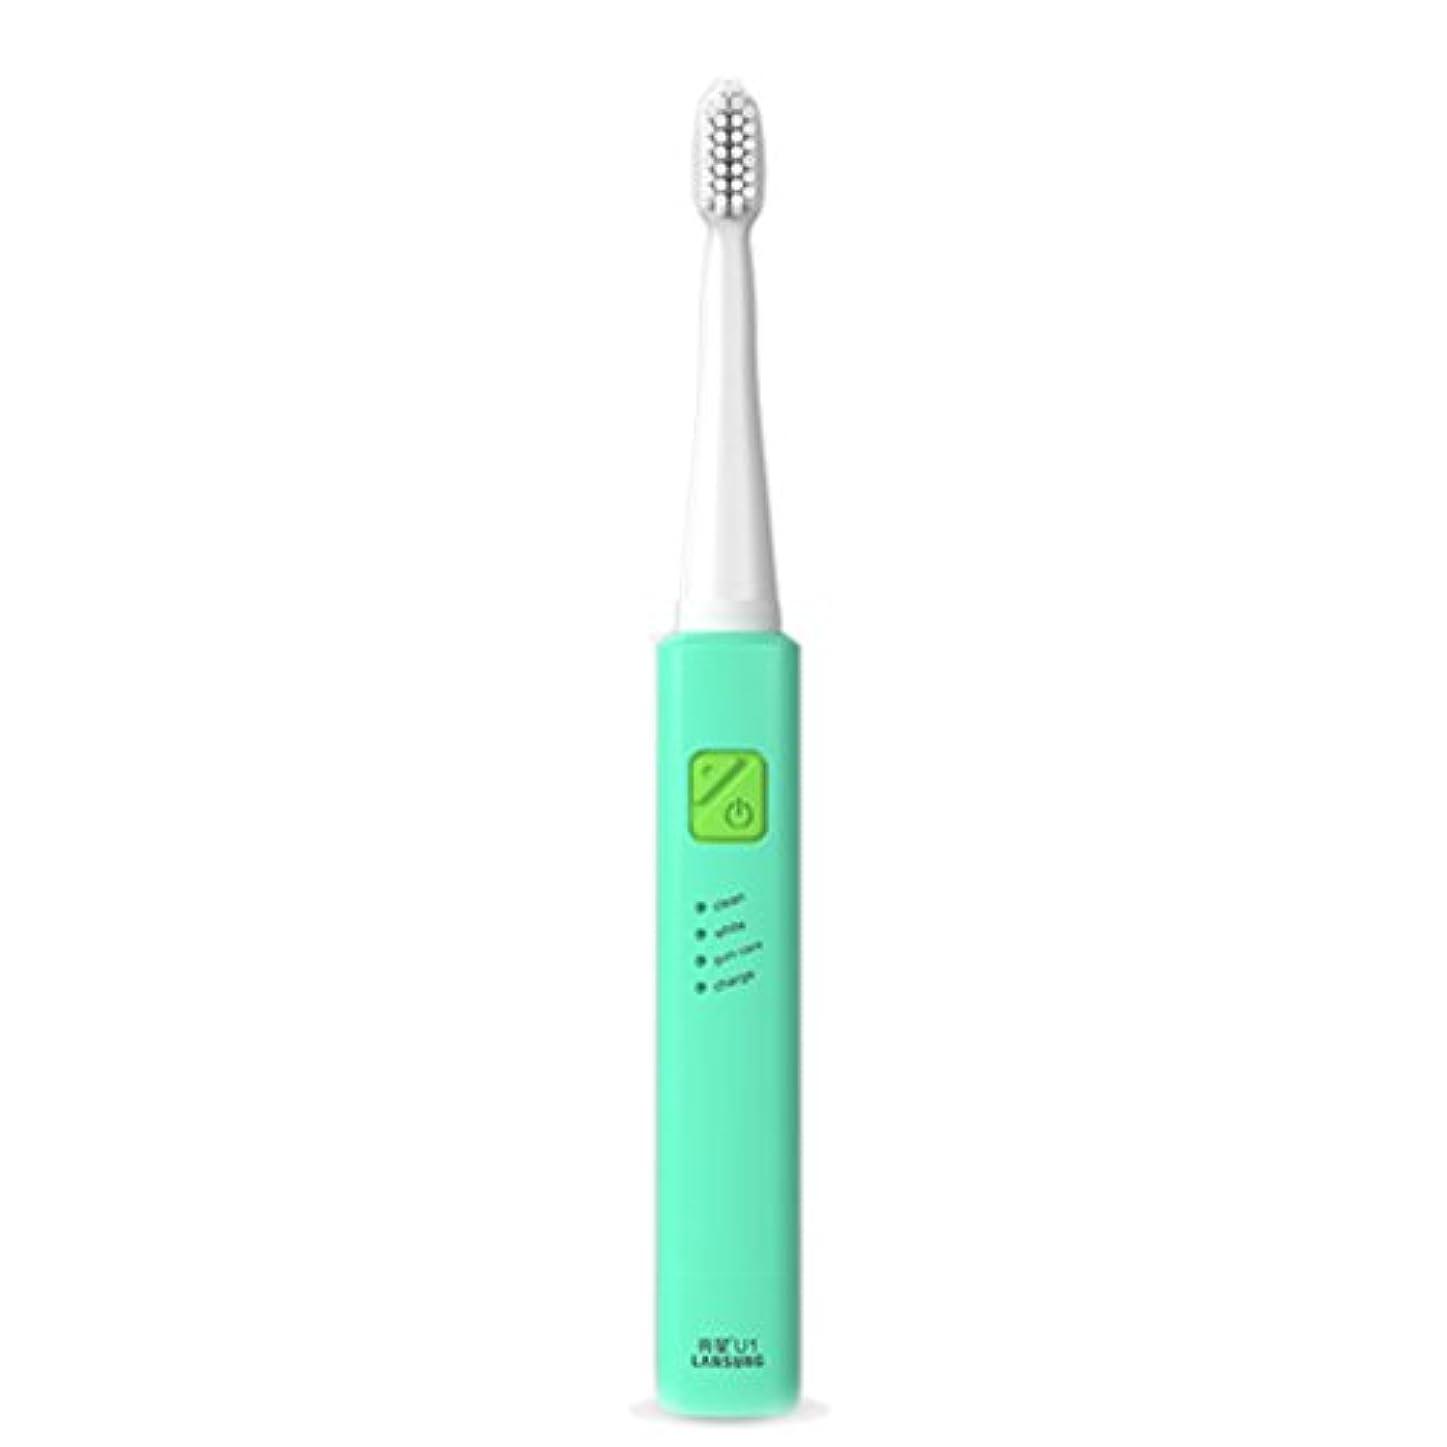 仲間相互接続つぶやき電子歯ブラシ 超音波ロータリー ノンスリップ防水歯ブラシ 歯科口腔衛生